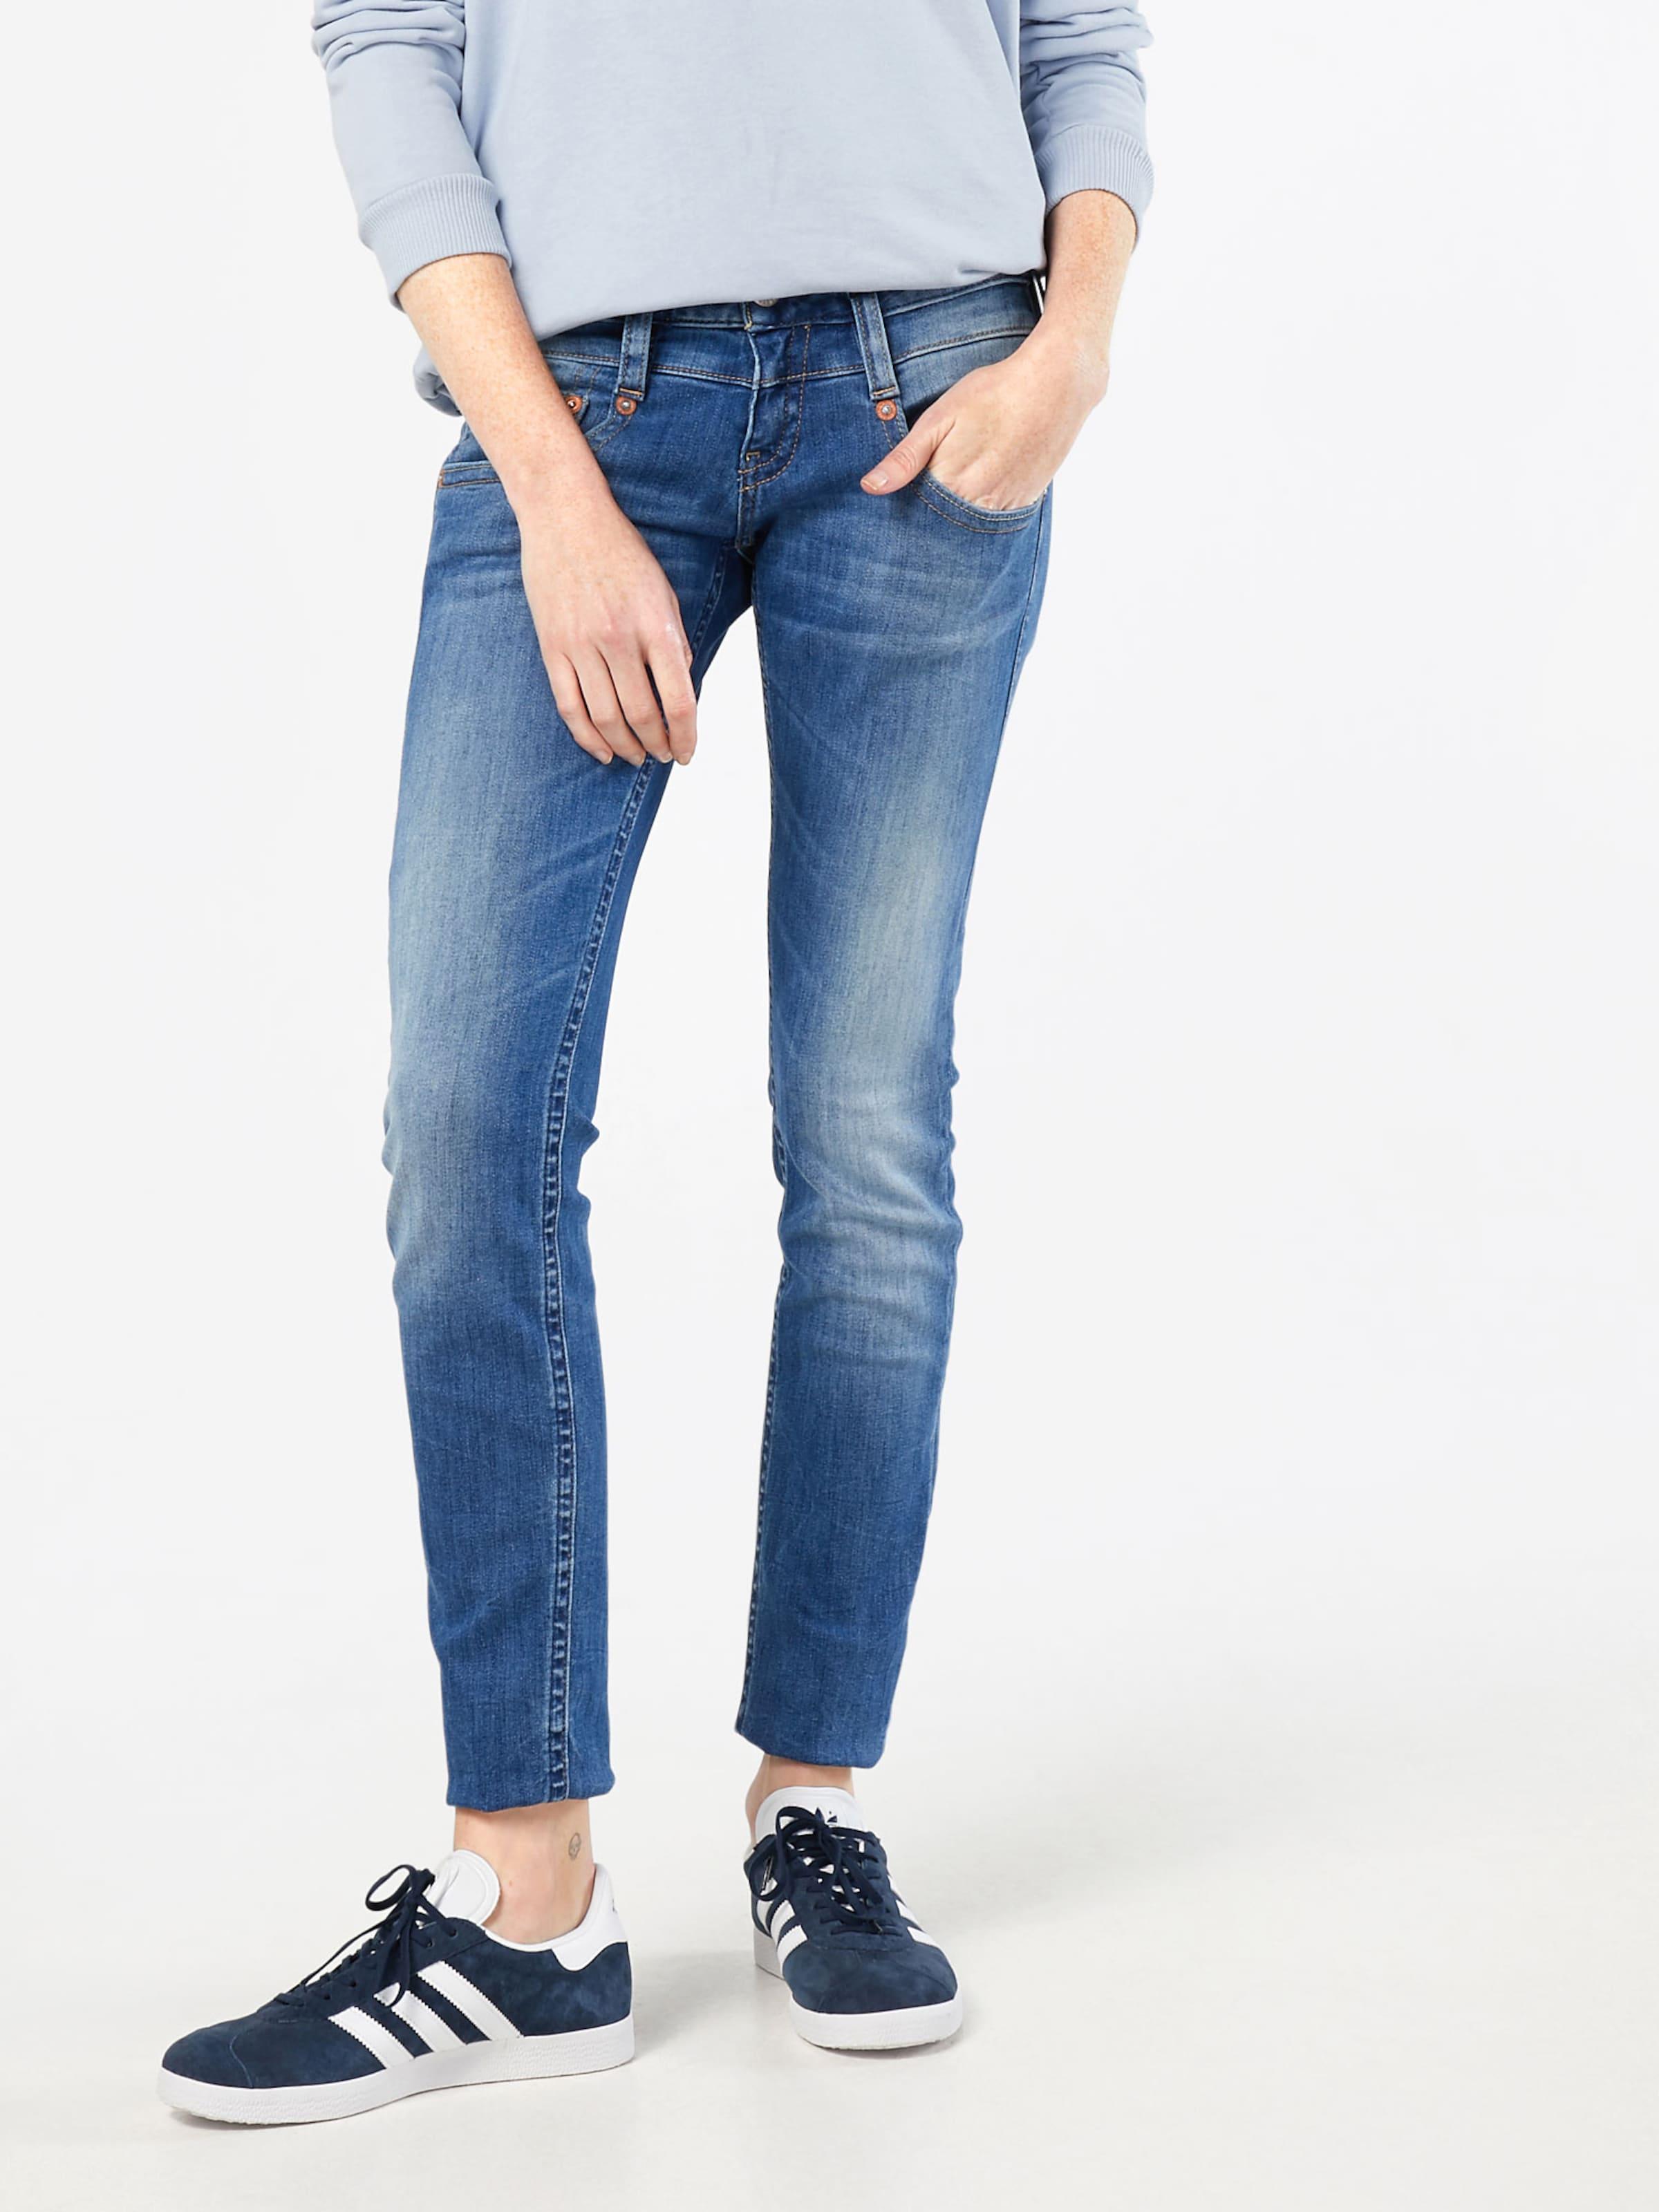 Herrlicher 'Pitch' Slim Fit Jeans Qualität Original Low-Cost Online Footlocker Bilder Zum Verkauf qalUVWxQ